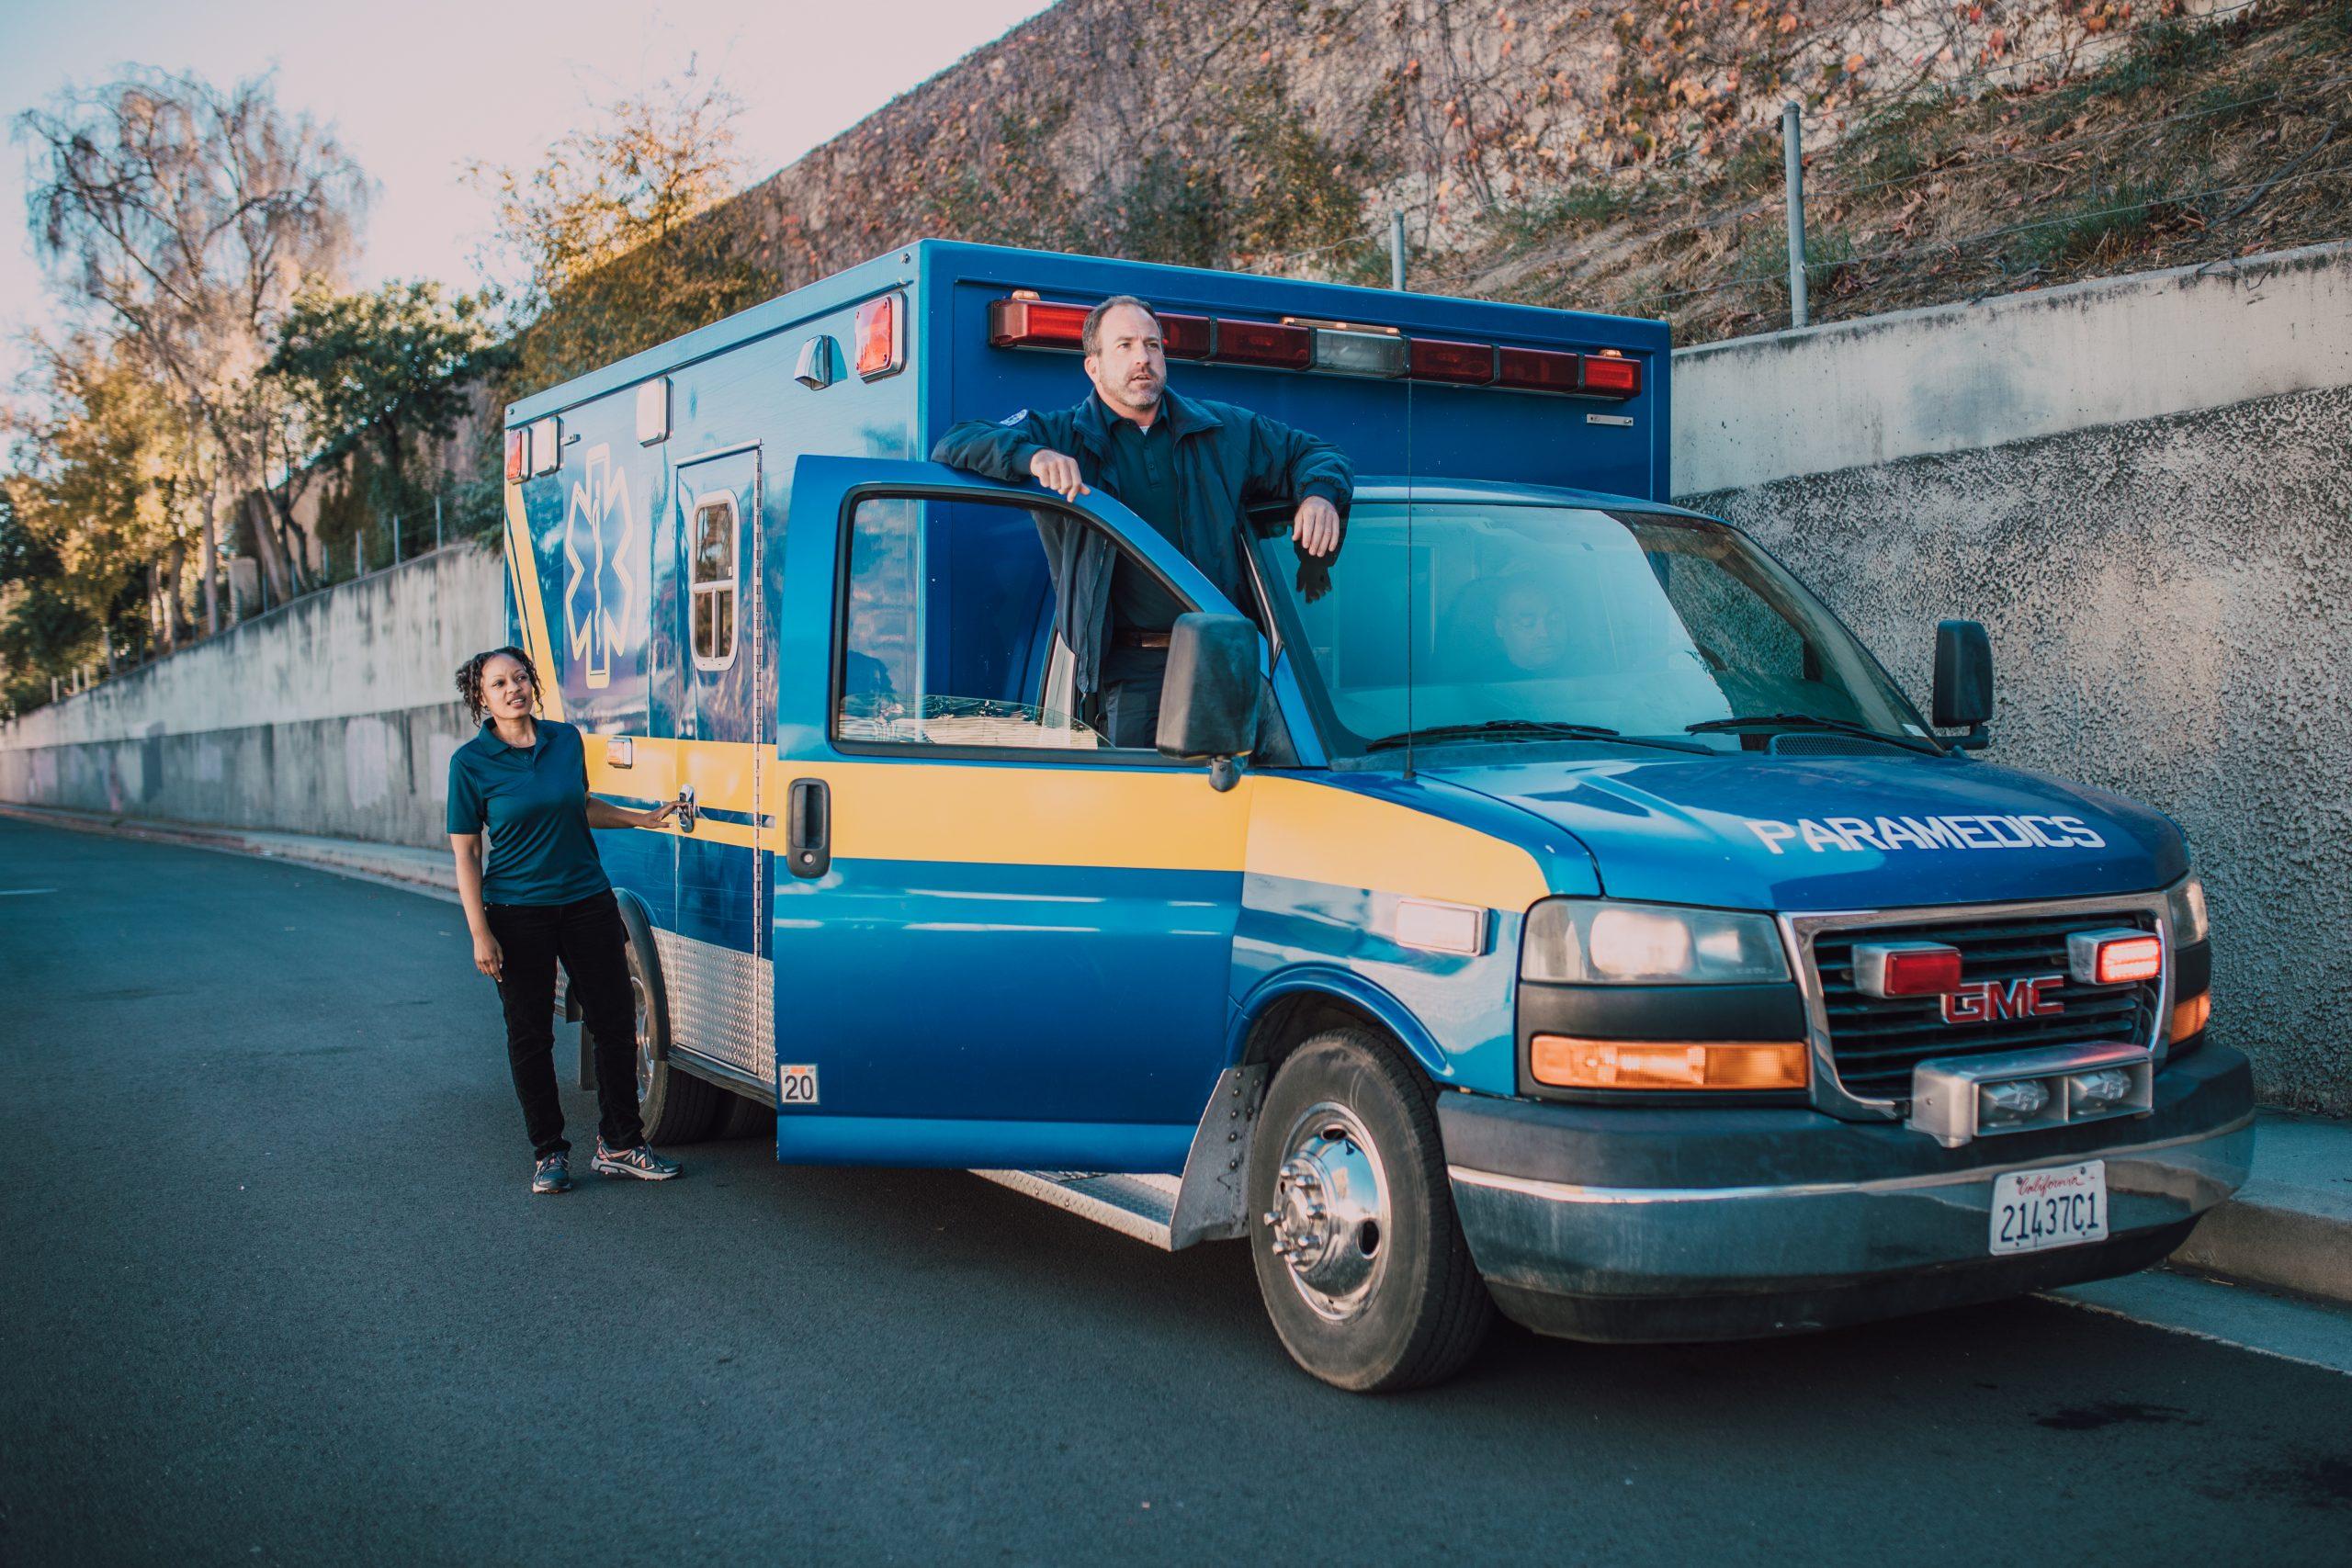 Man standing on ambulance door